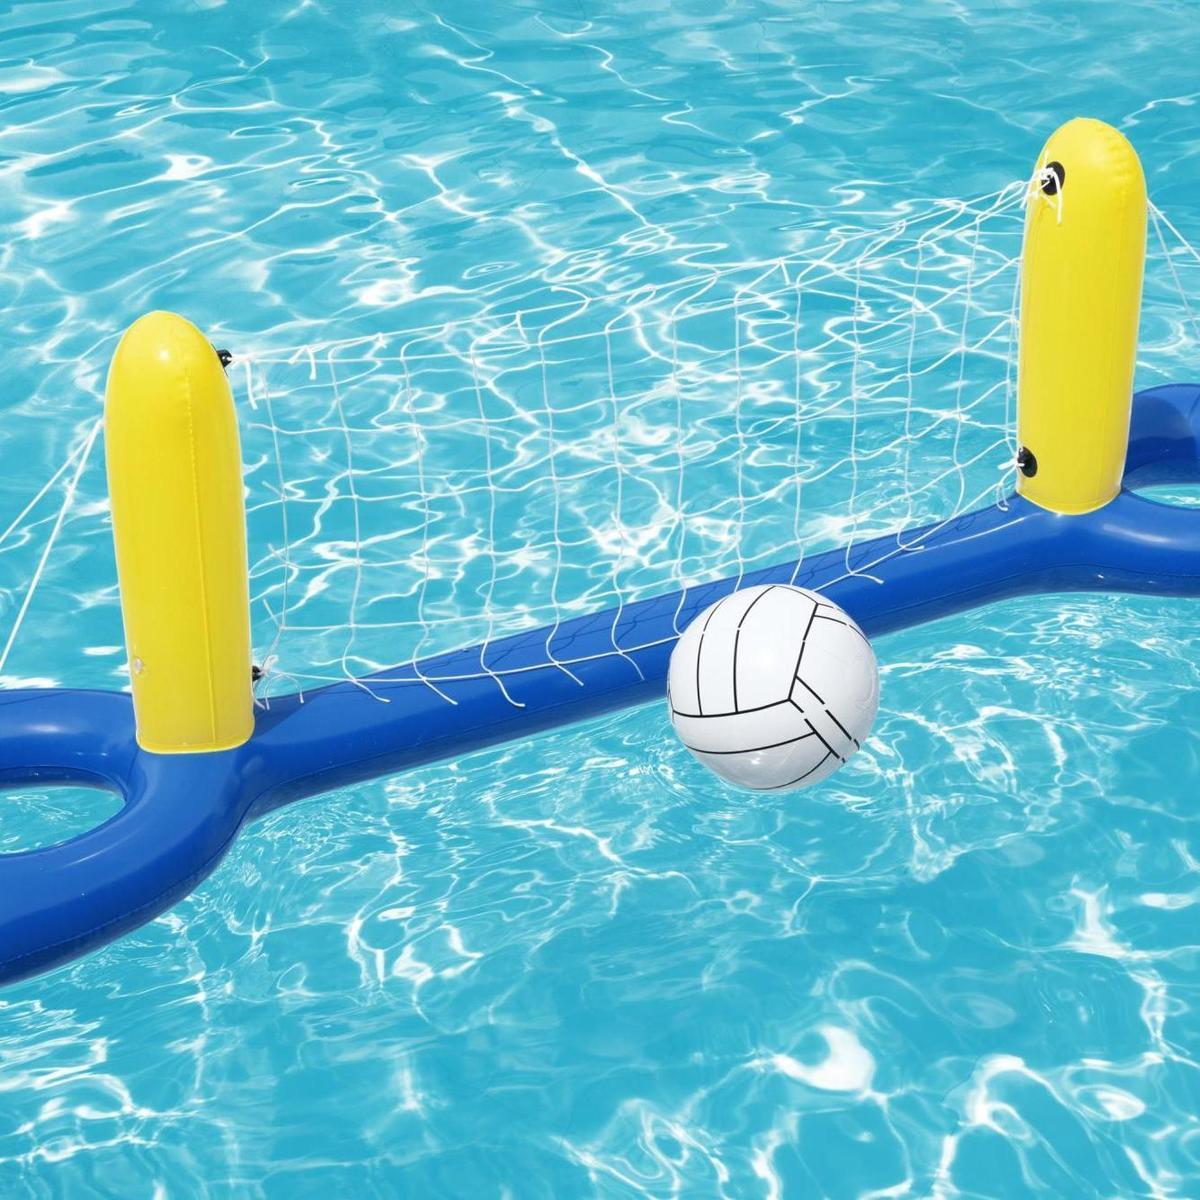 Плавательный бассейн игрушки для взрослых детей детские водные игры водное поло гребли баскетбольная подставка волейбольная ручная цель н...